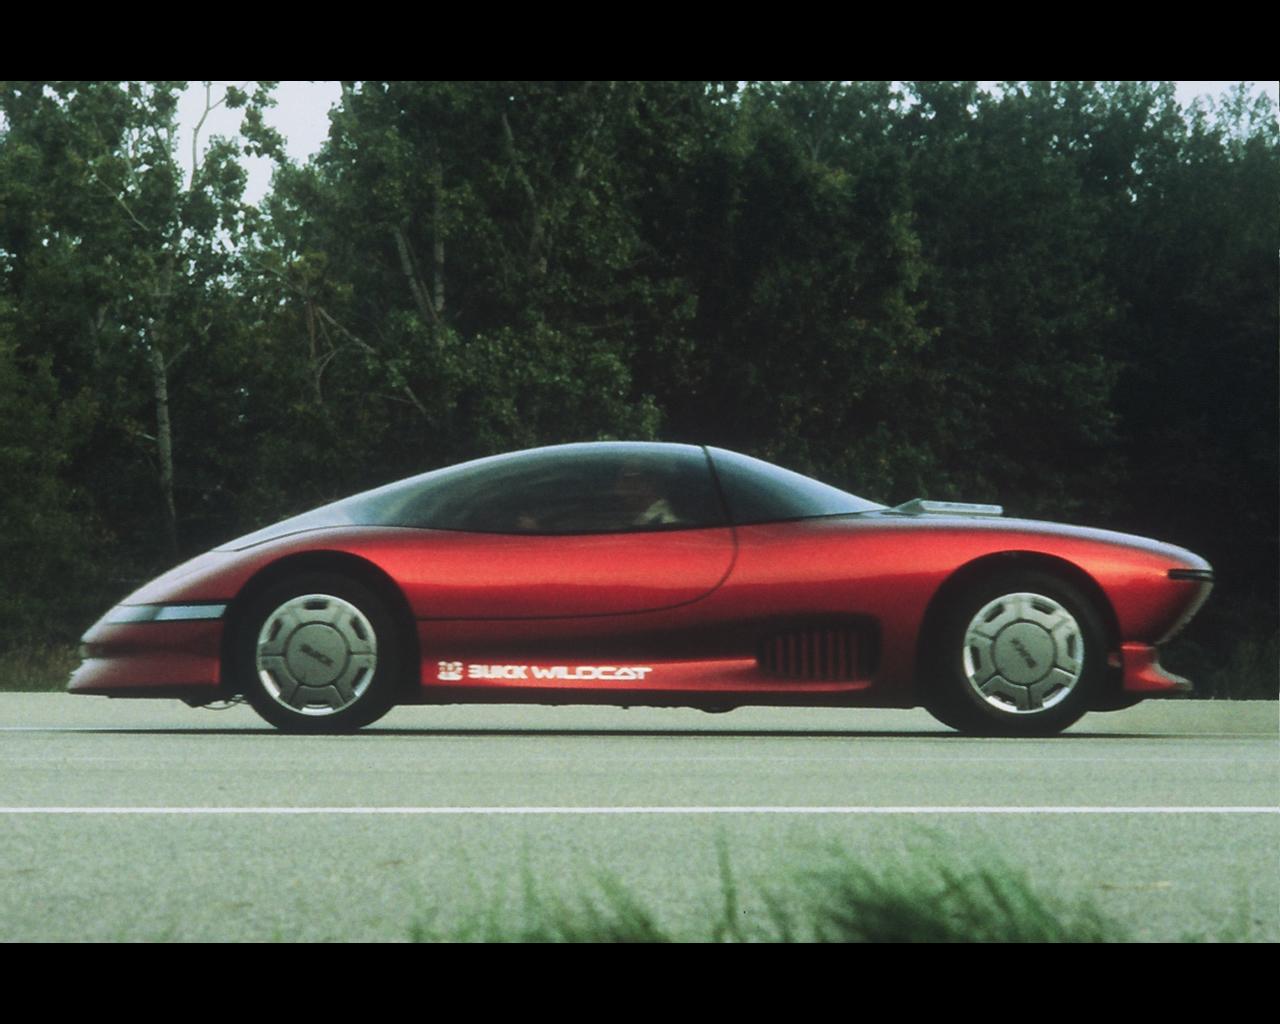 Buick Wildcat Concept 1986